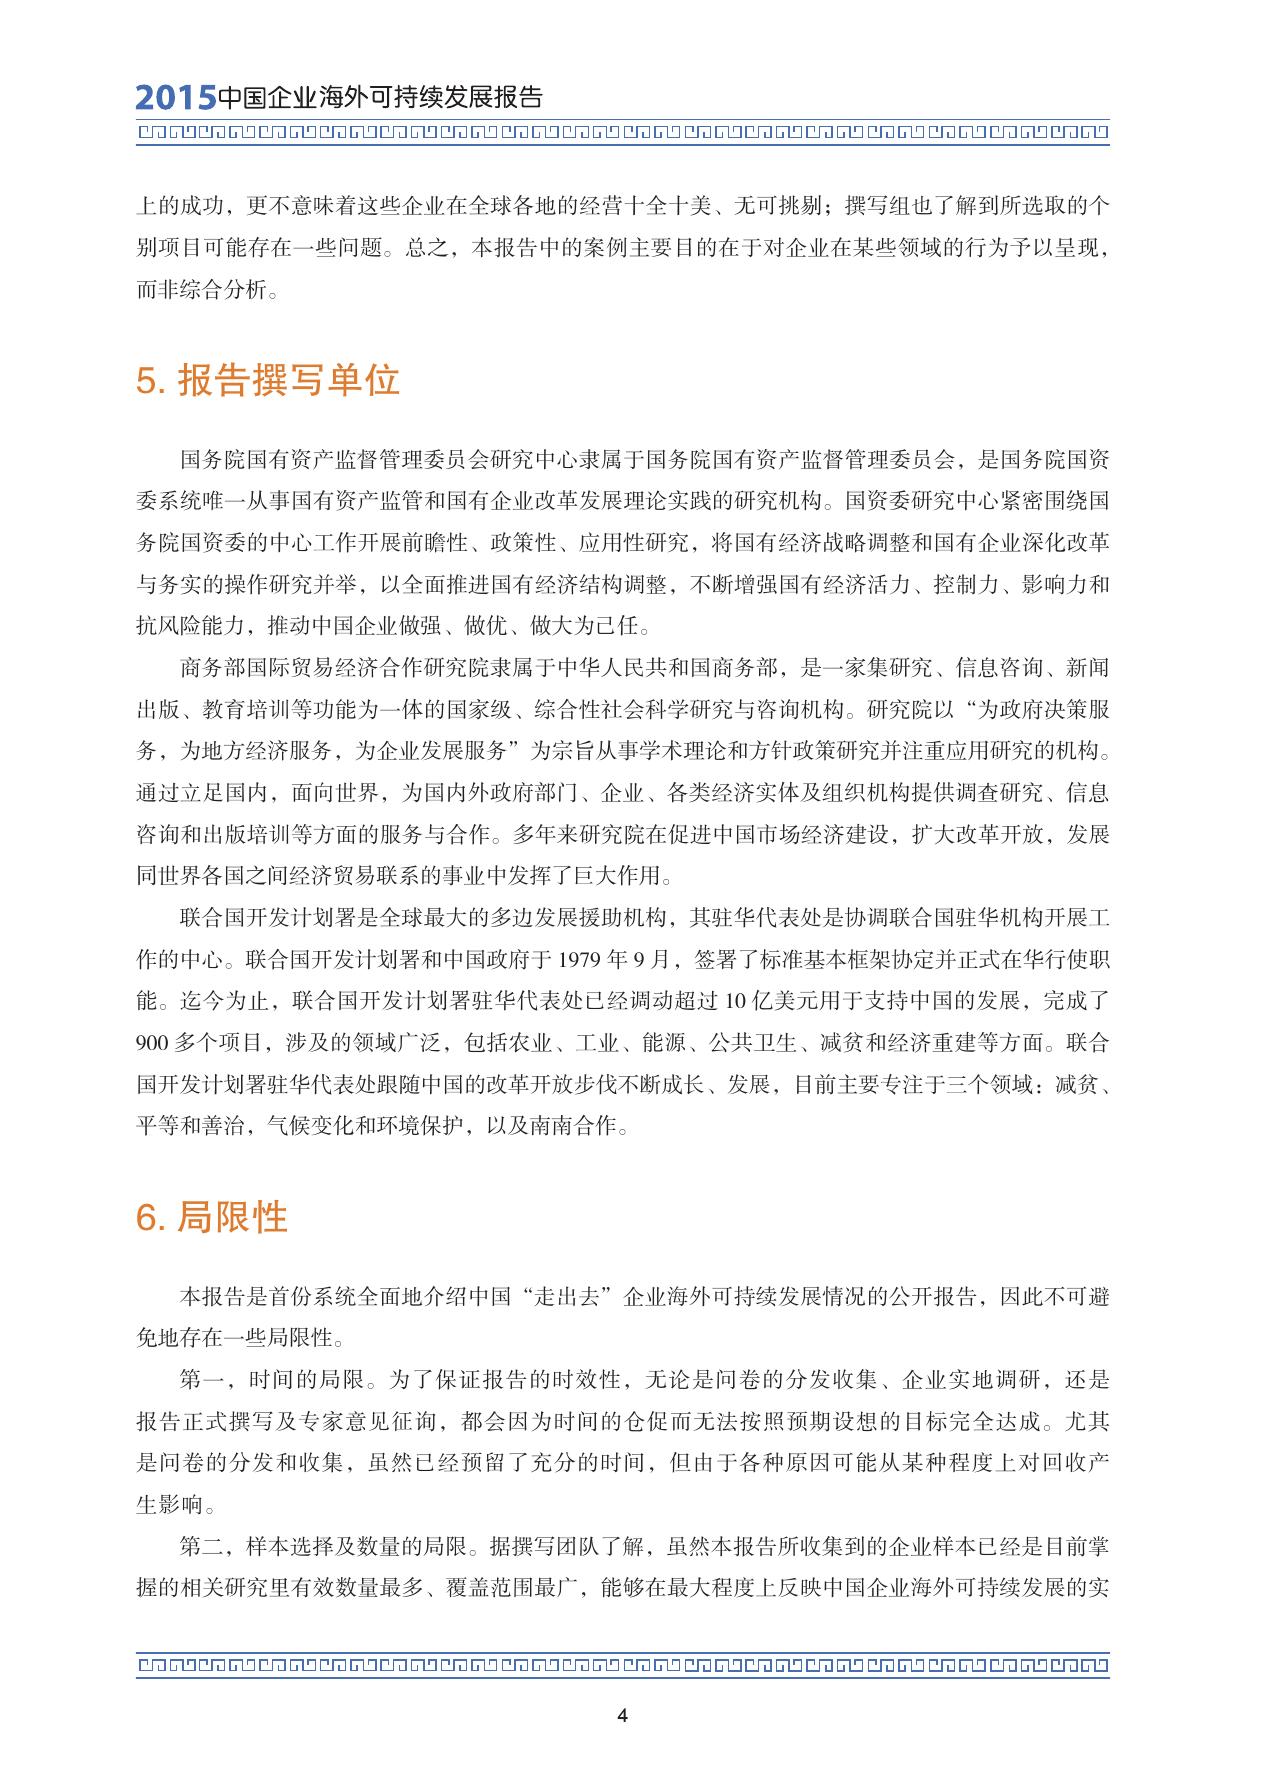 2015中国企业海外可持续发展报告_000018